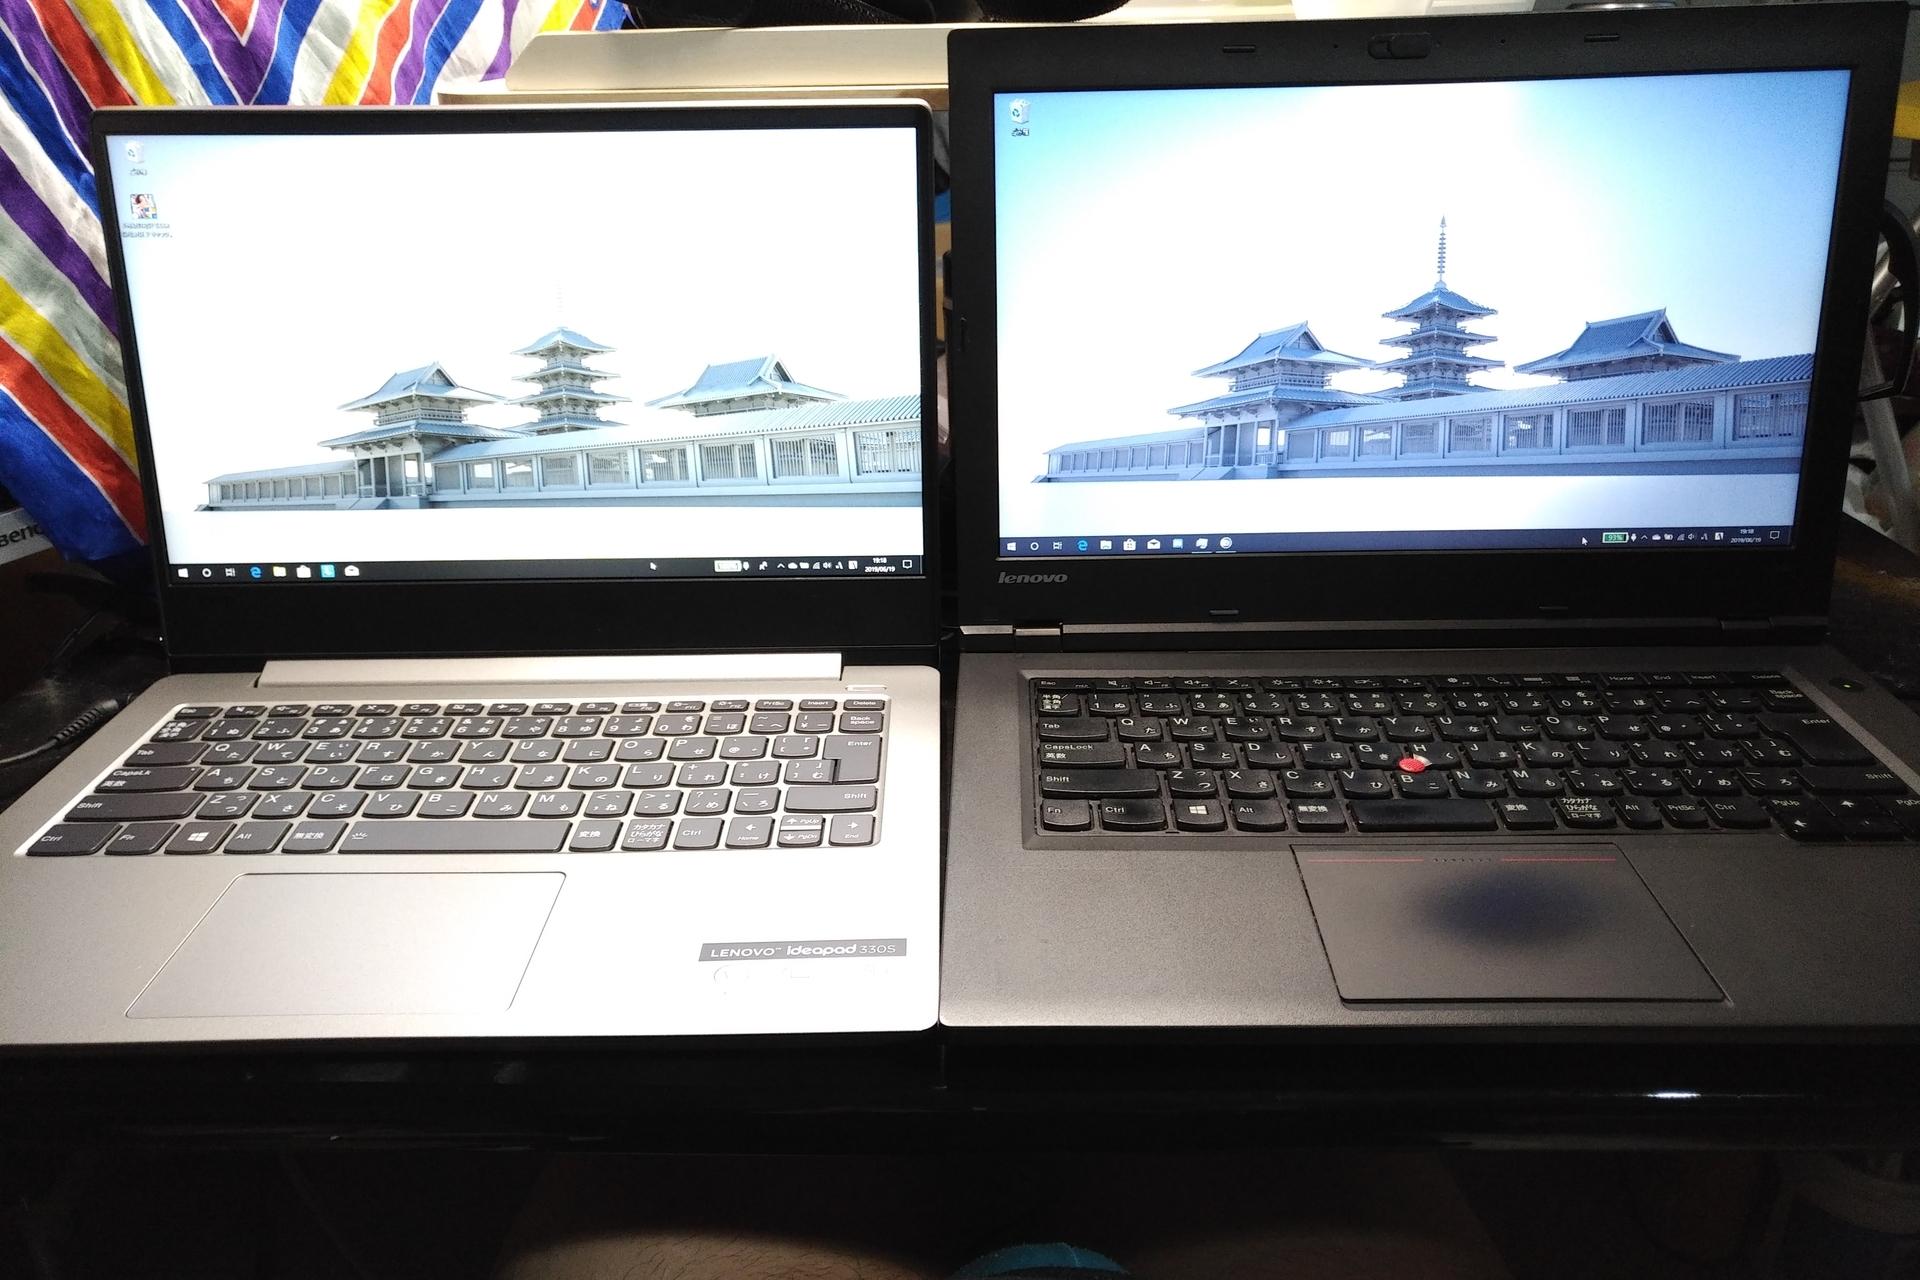 Lenovo IdeaPad 330S / ThinkPad L440